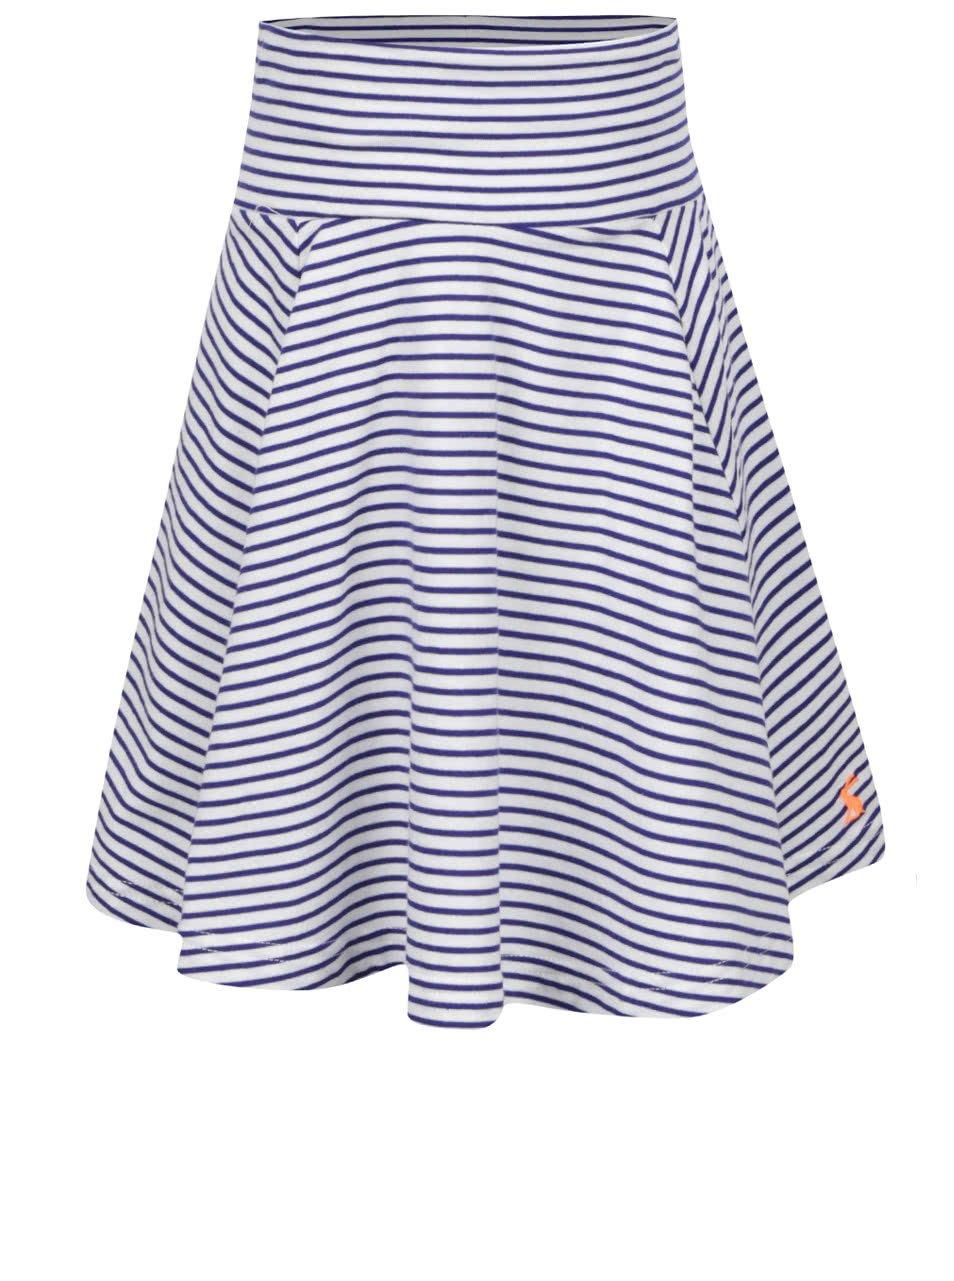 Modro-krémová holčičí sukně Tom Joule